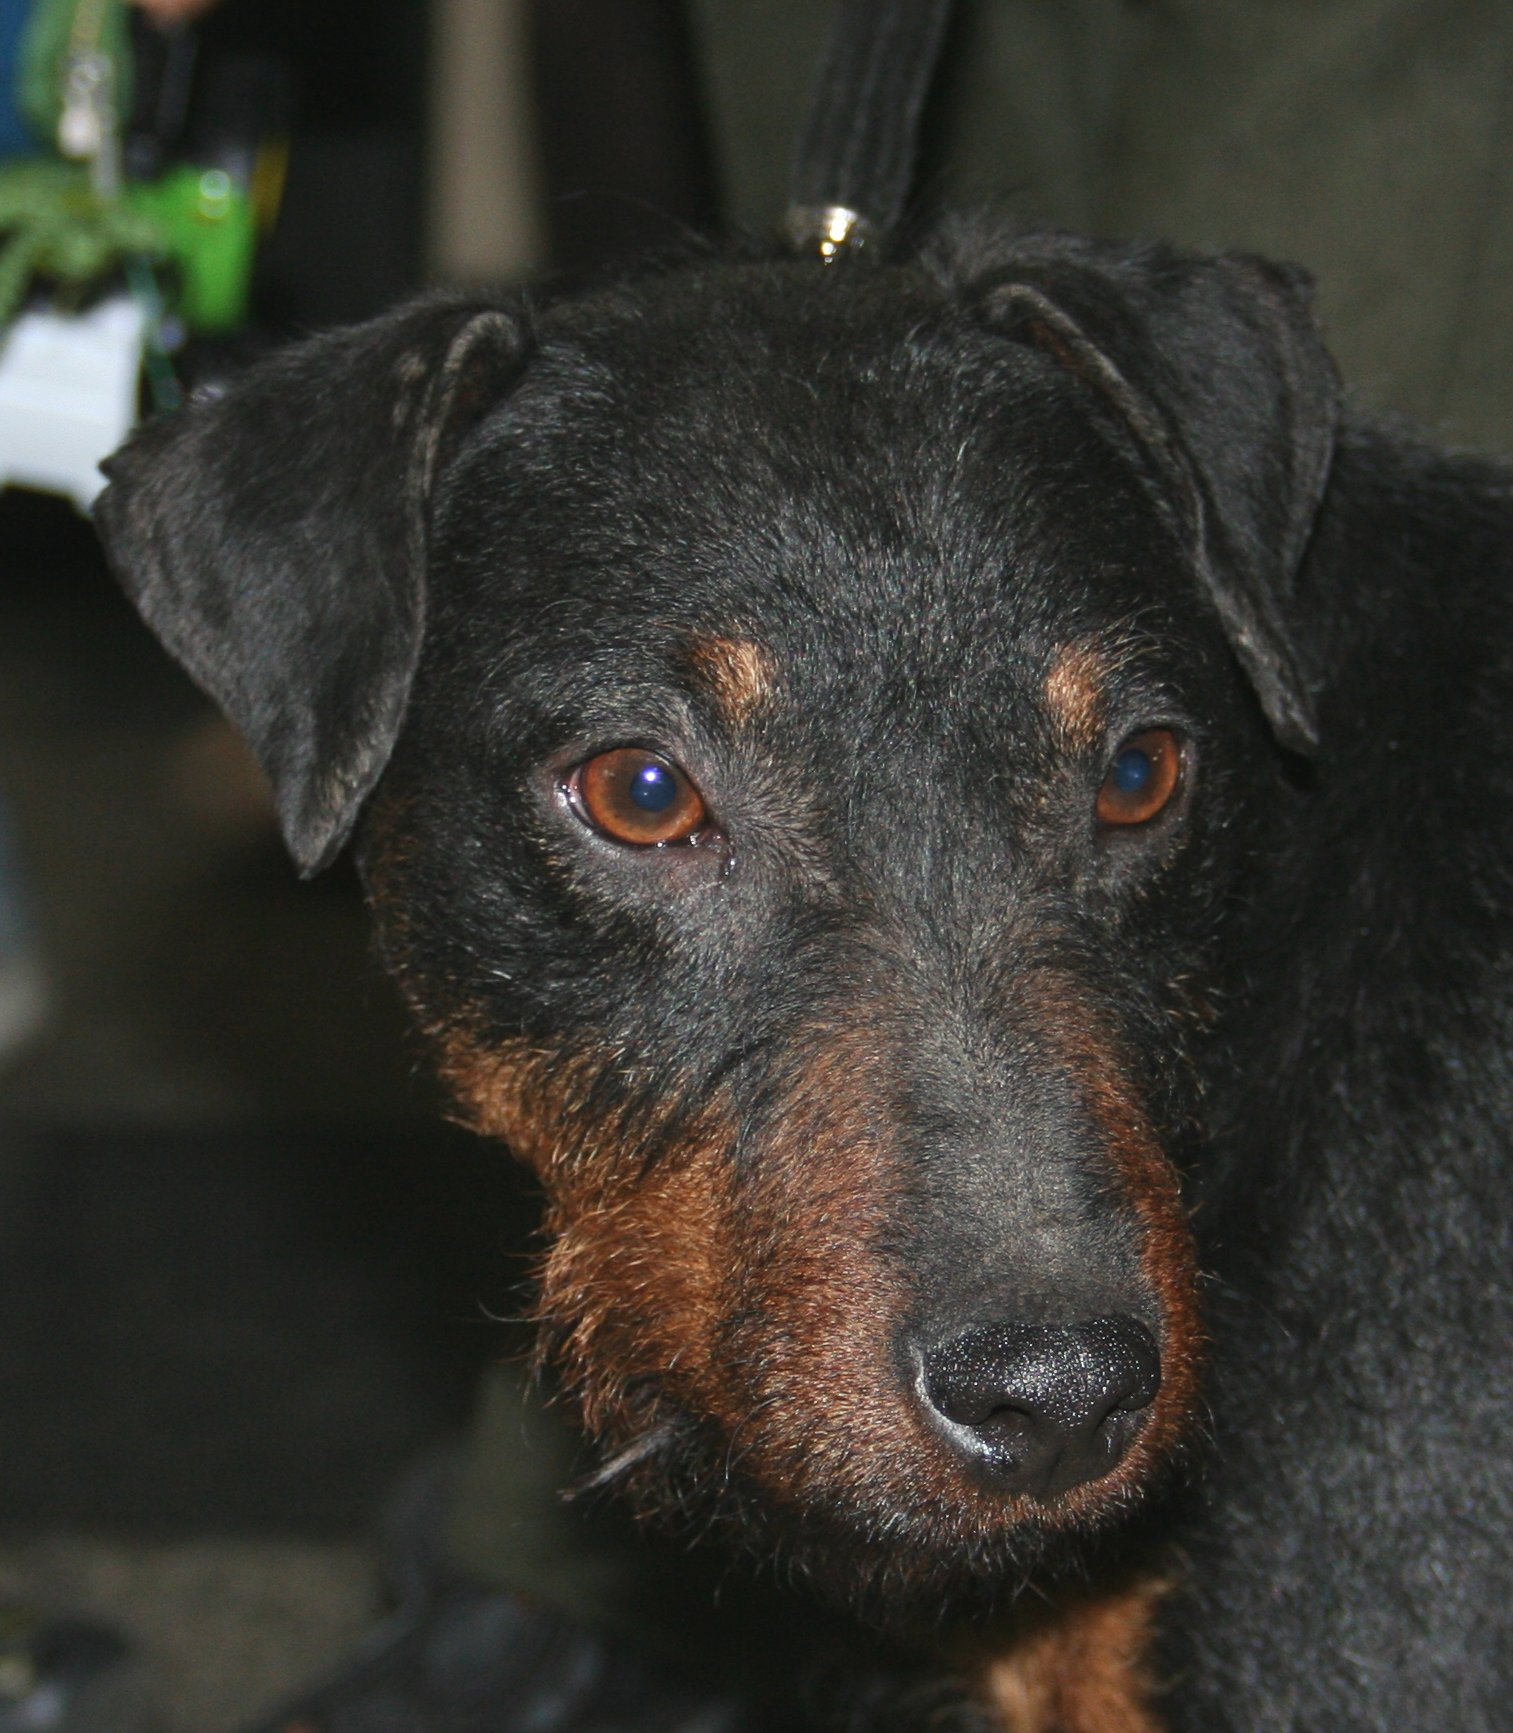 Schweizerischer Niederlaufhund Dog: Schweizerischer Sad Jagdterrier Dog Breed